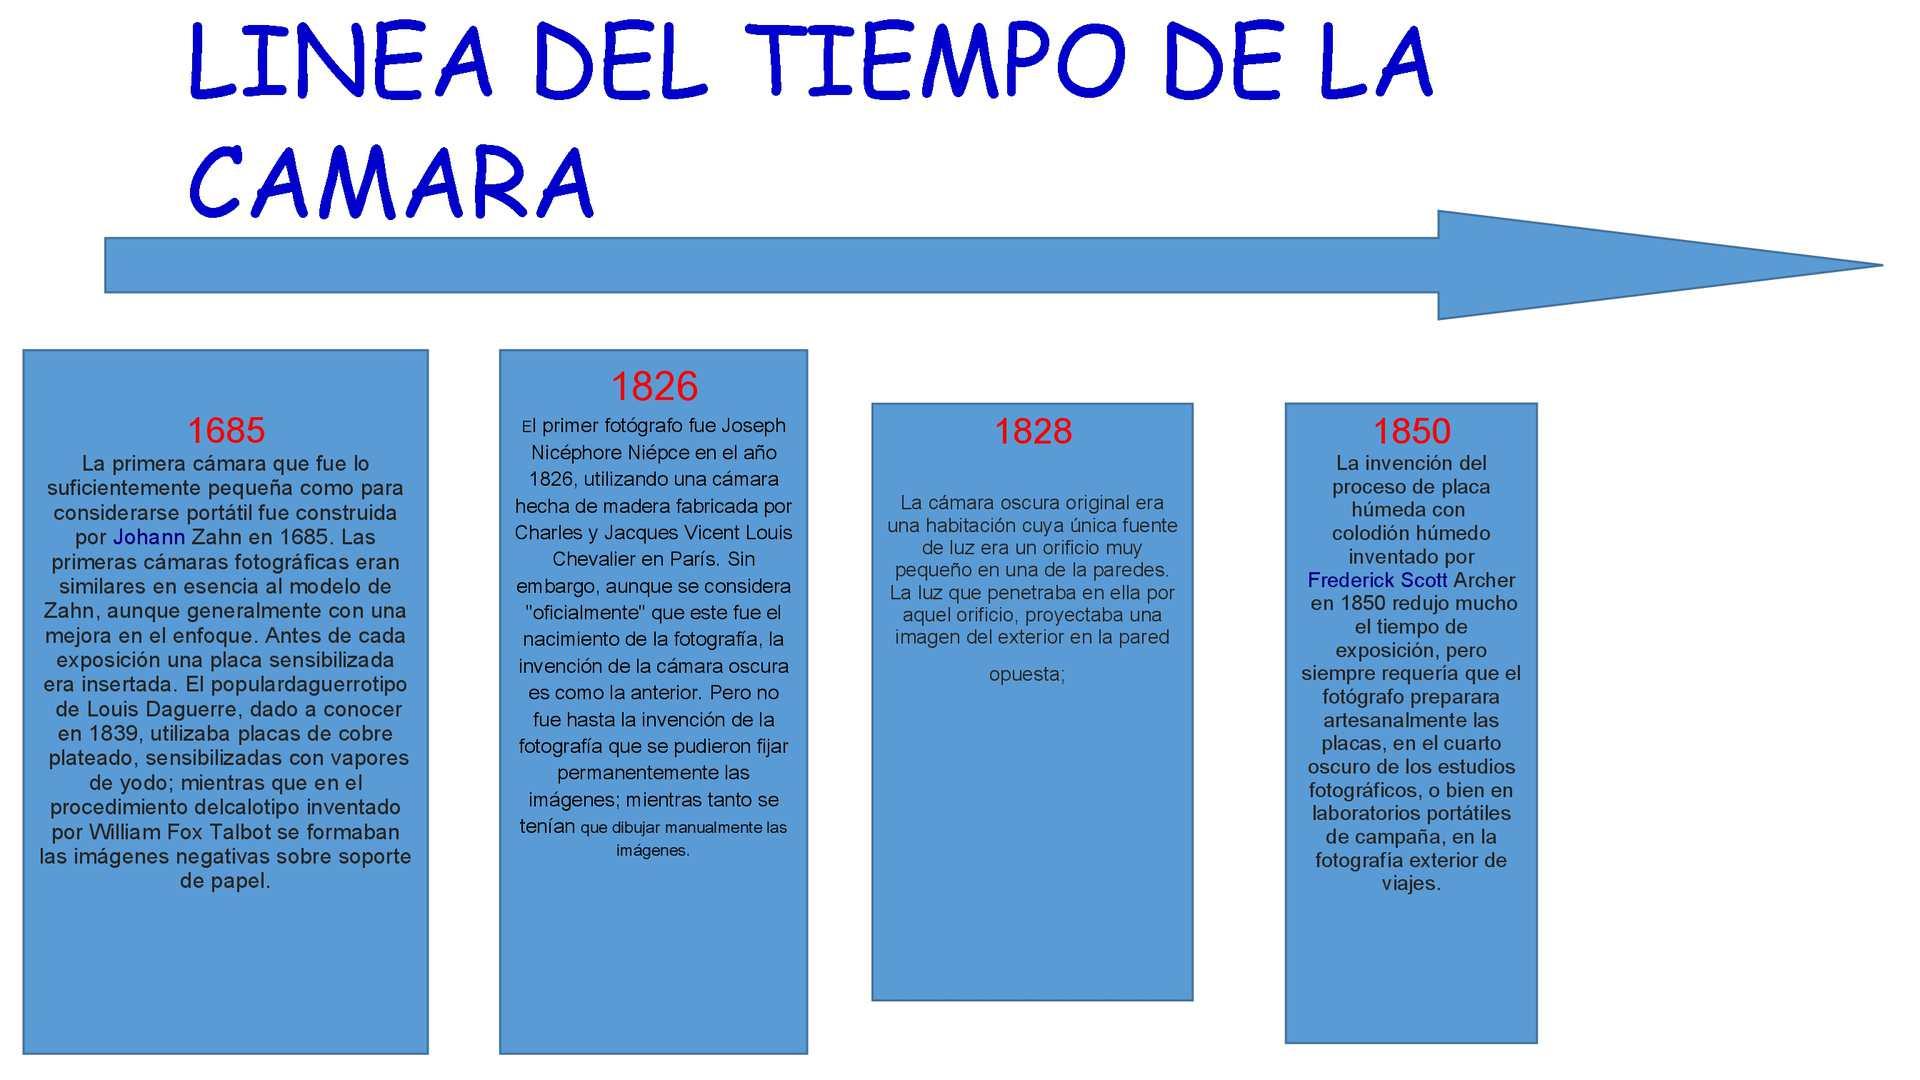 Linea Del Tiempo De La Camara